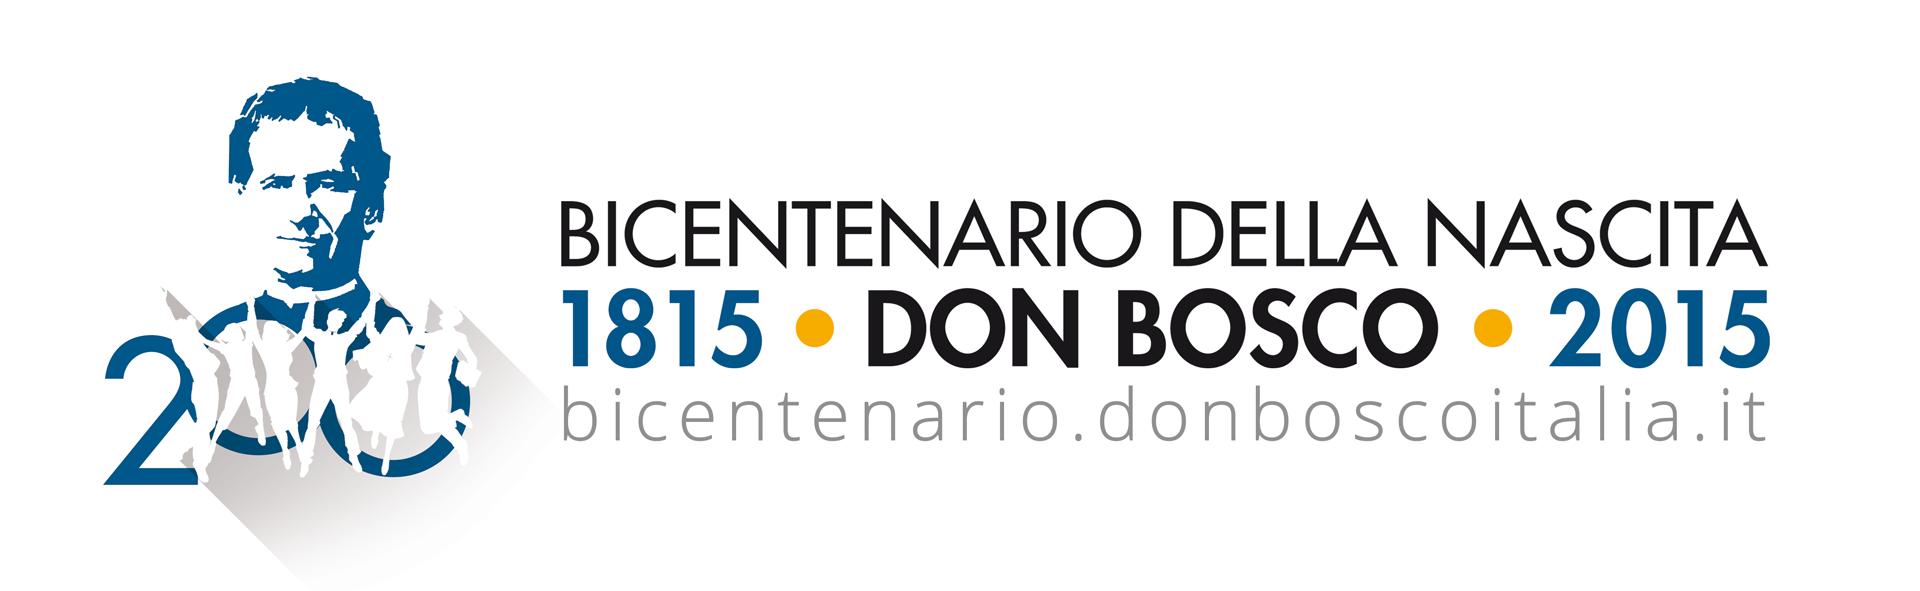 Il 24 gennaio Torino commemora il bicentenario della nascita di don Bosco